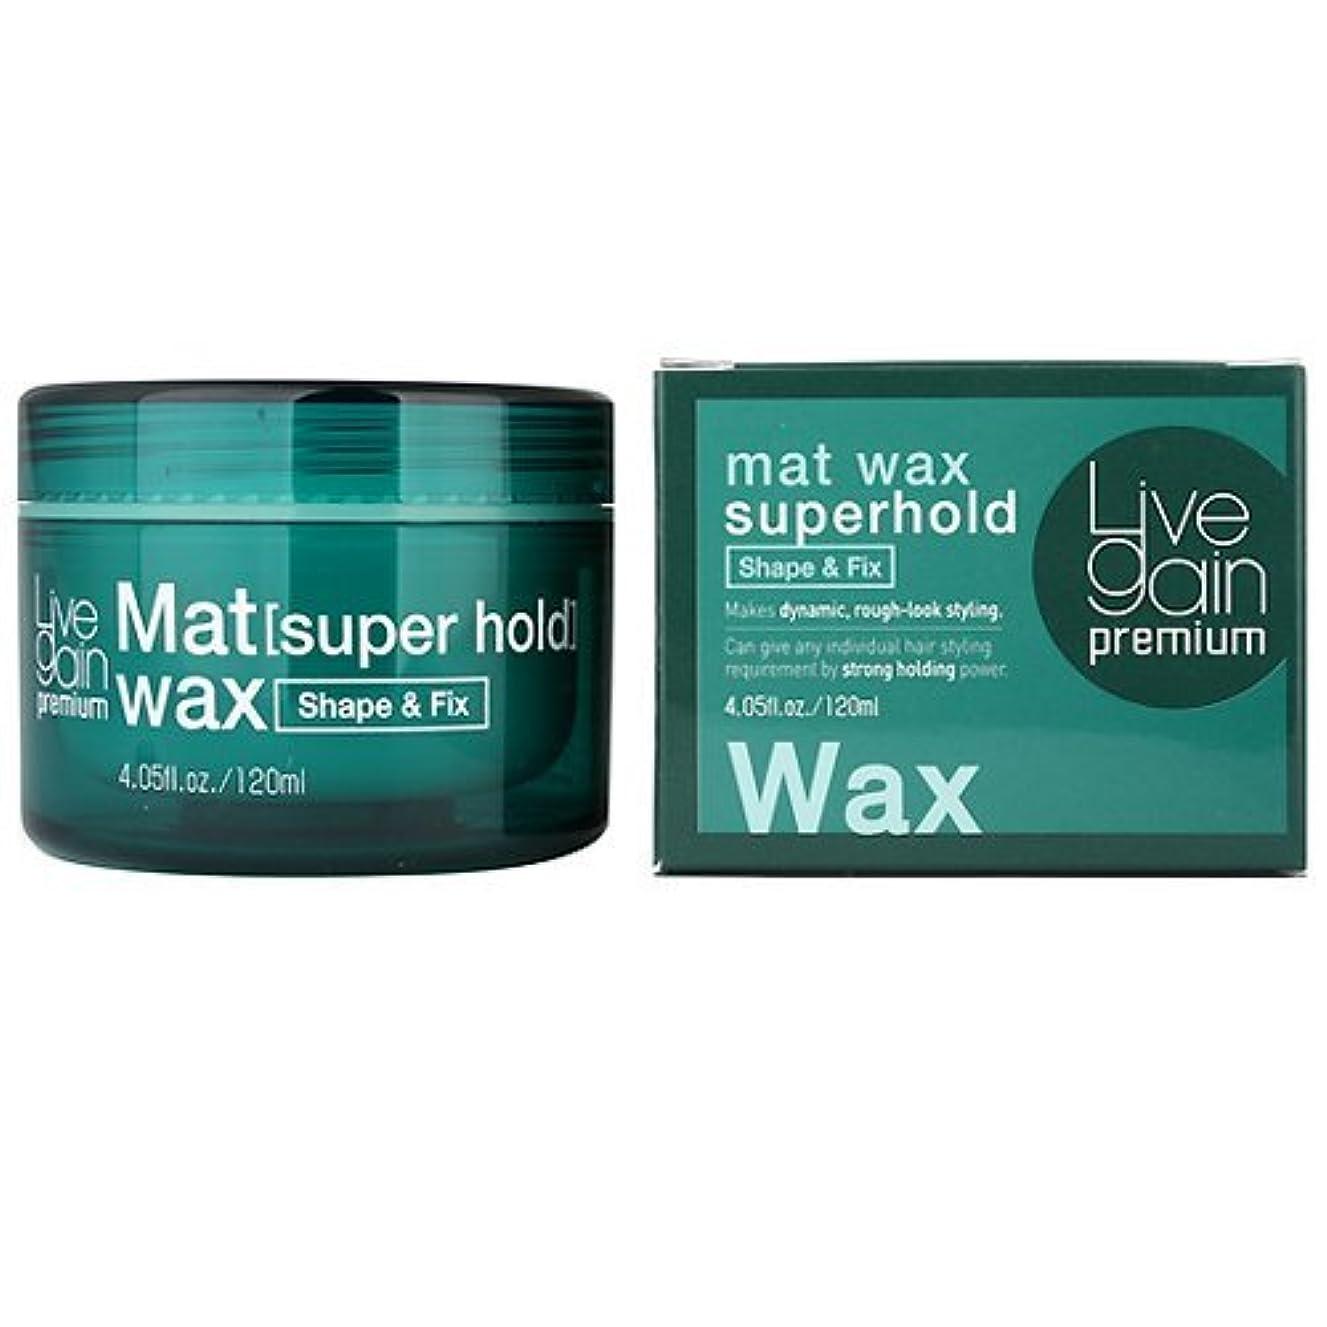 先入観受け入れ世論調査Livegain プレミアム マット ワックス スーパーホールド 120ml マット ヘア ワックス ストロング ホールド (Premium Mat Wax Superhold 120ml Matte Hair wax Strong Hold ) [並行輸入品]